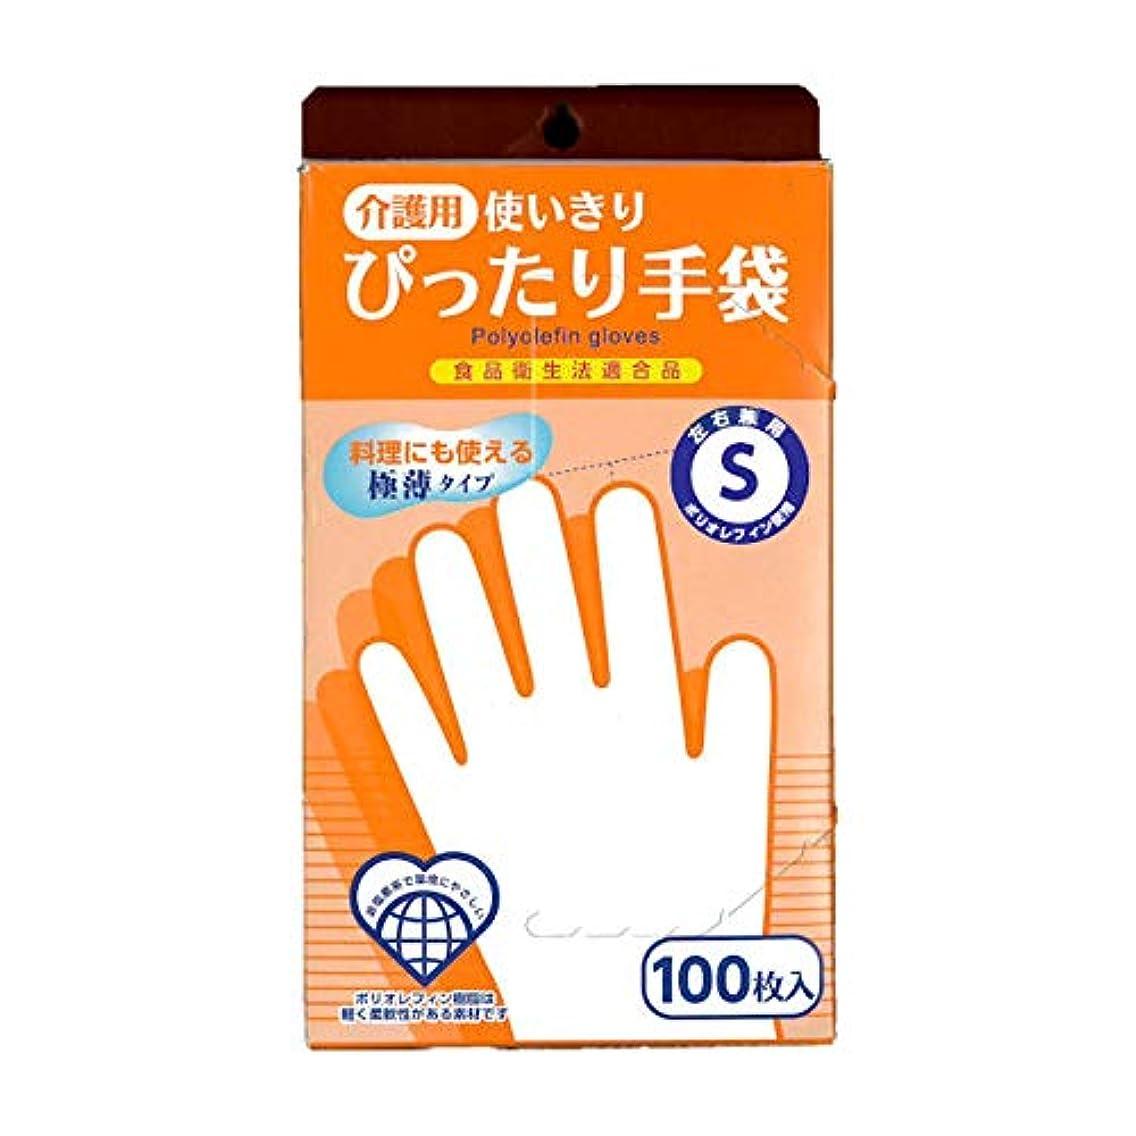 しわ見る人箱奥田薬品 介護用 使いきりぴったり手袋 Sサイズ 100枚